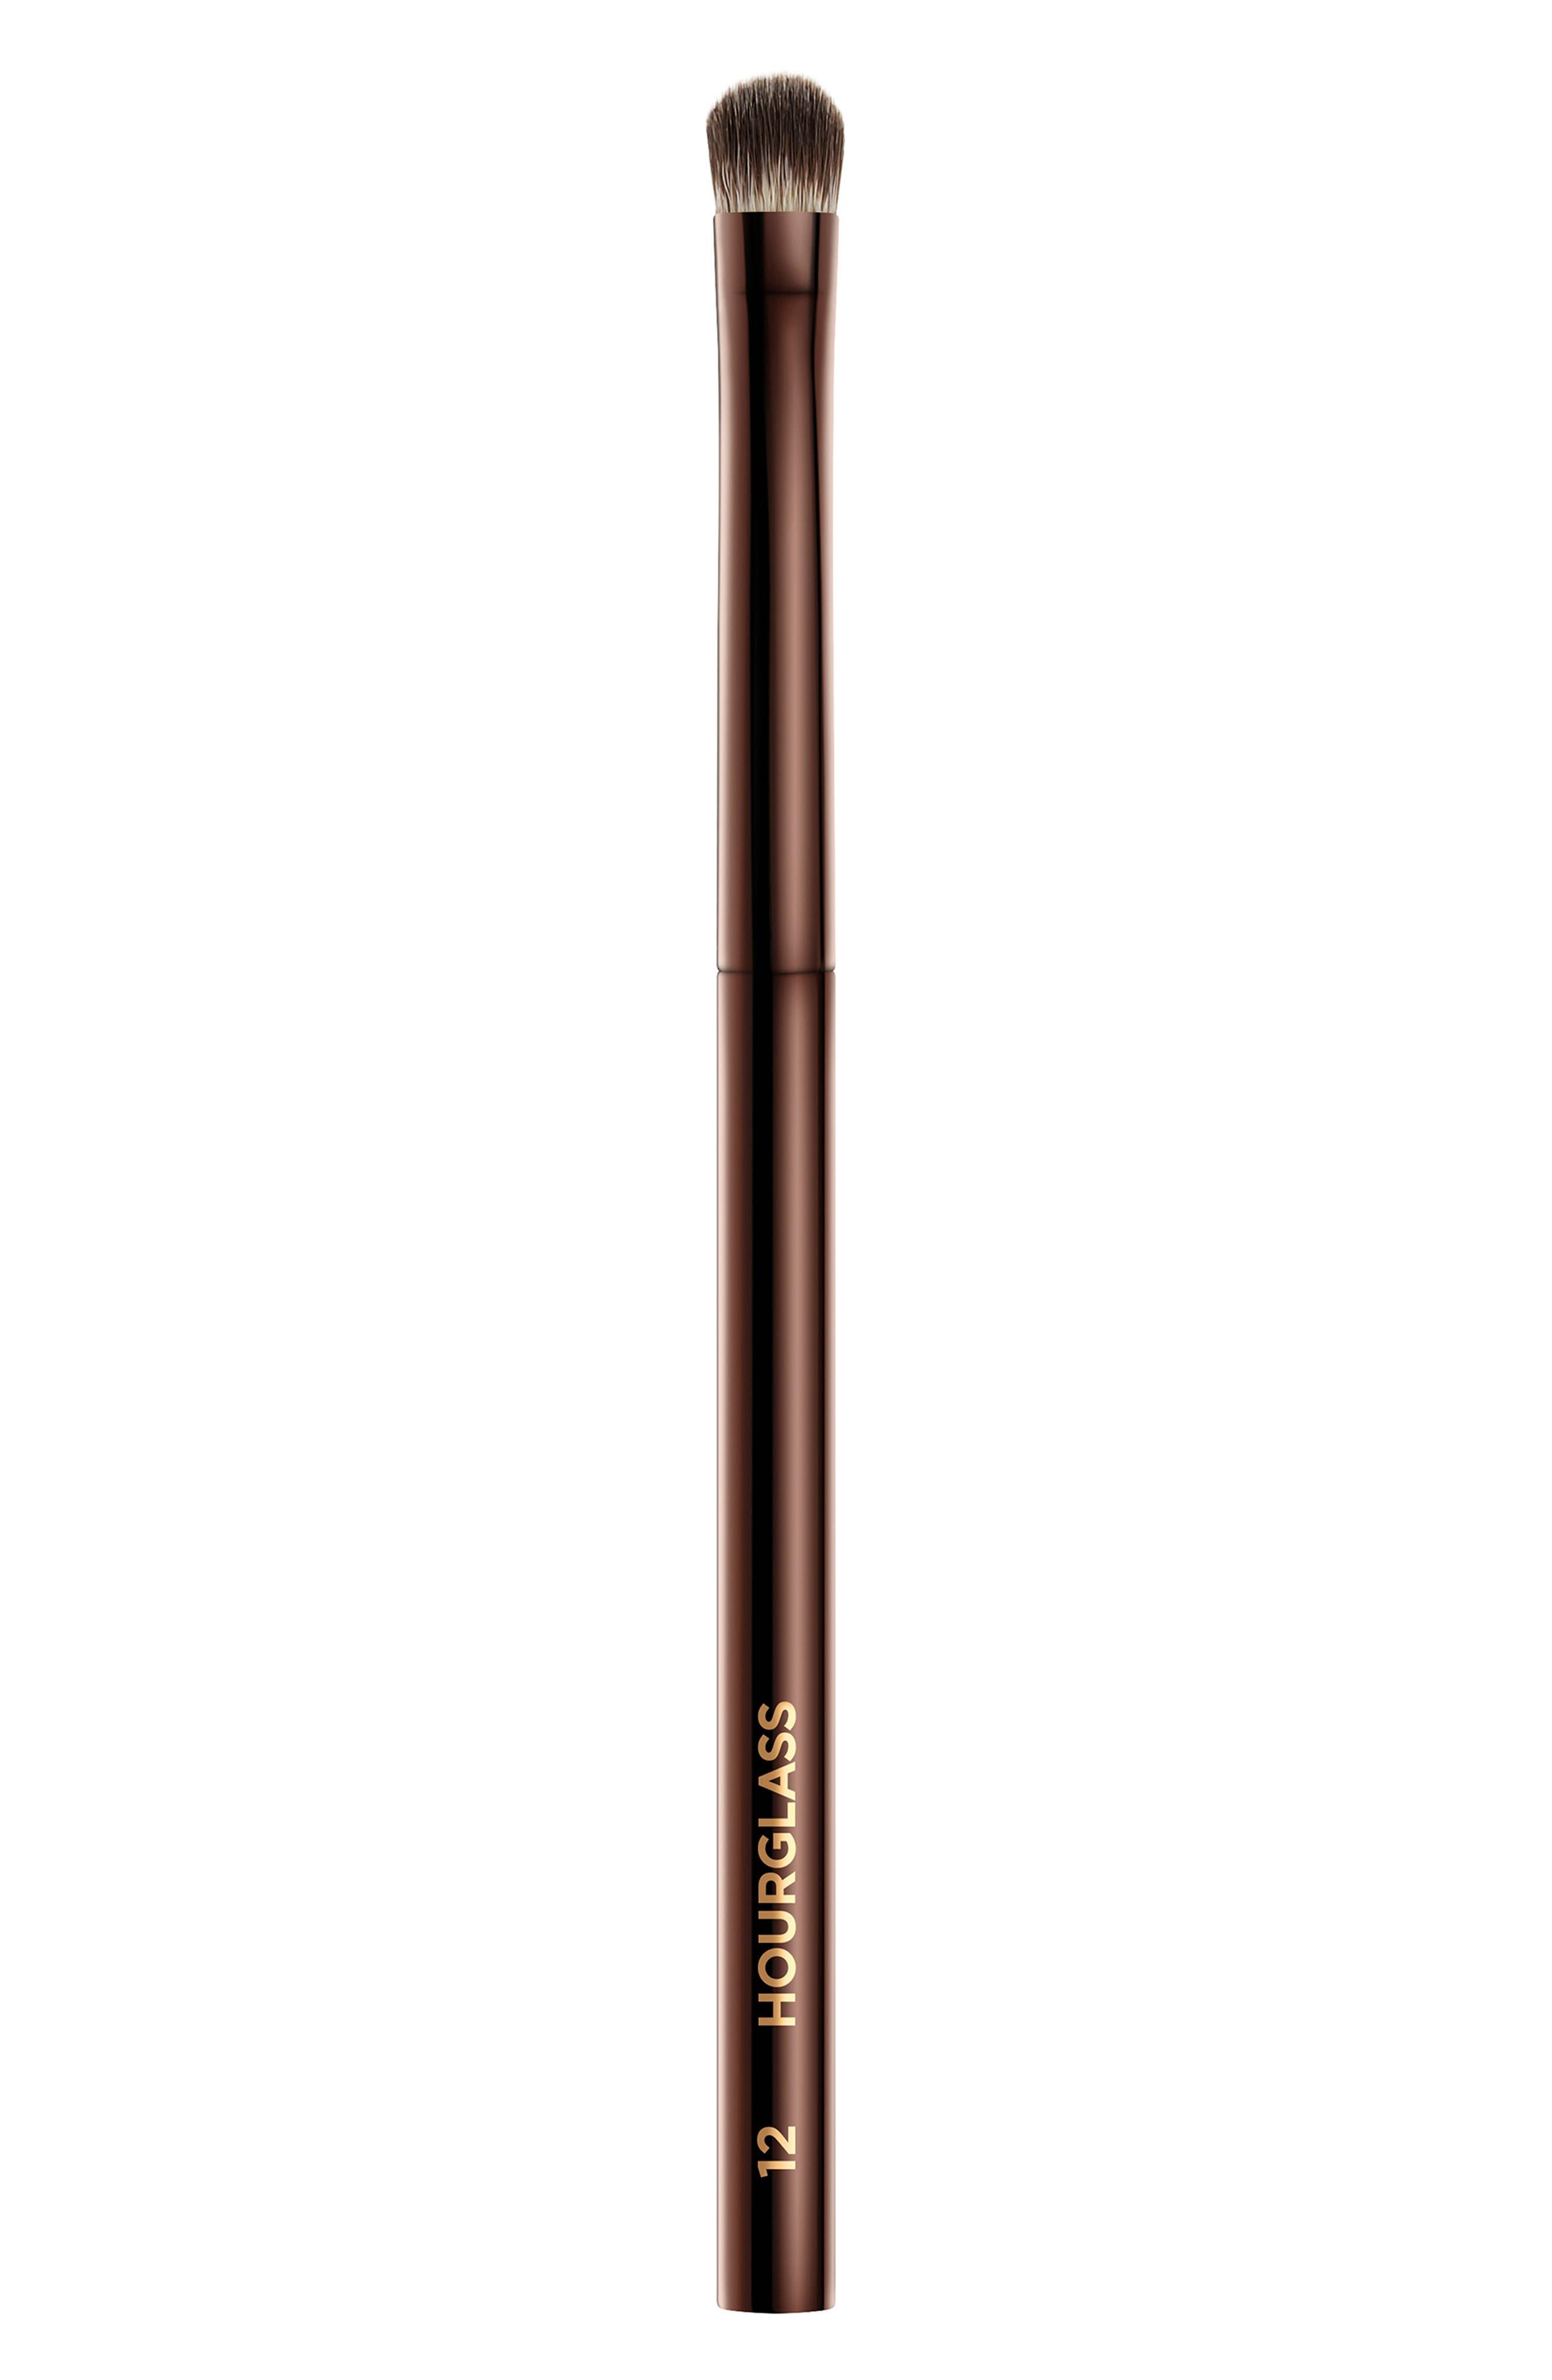 No. 12 Beveled Eyeshadow Brush